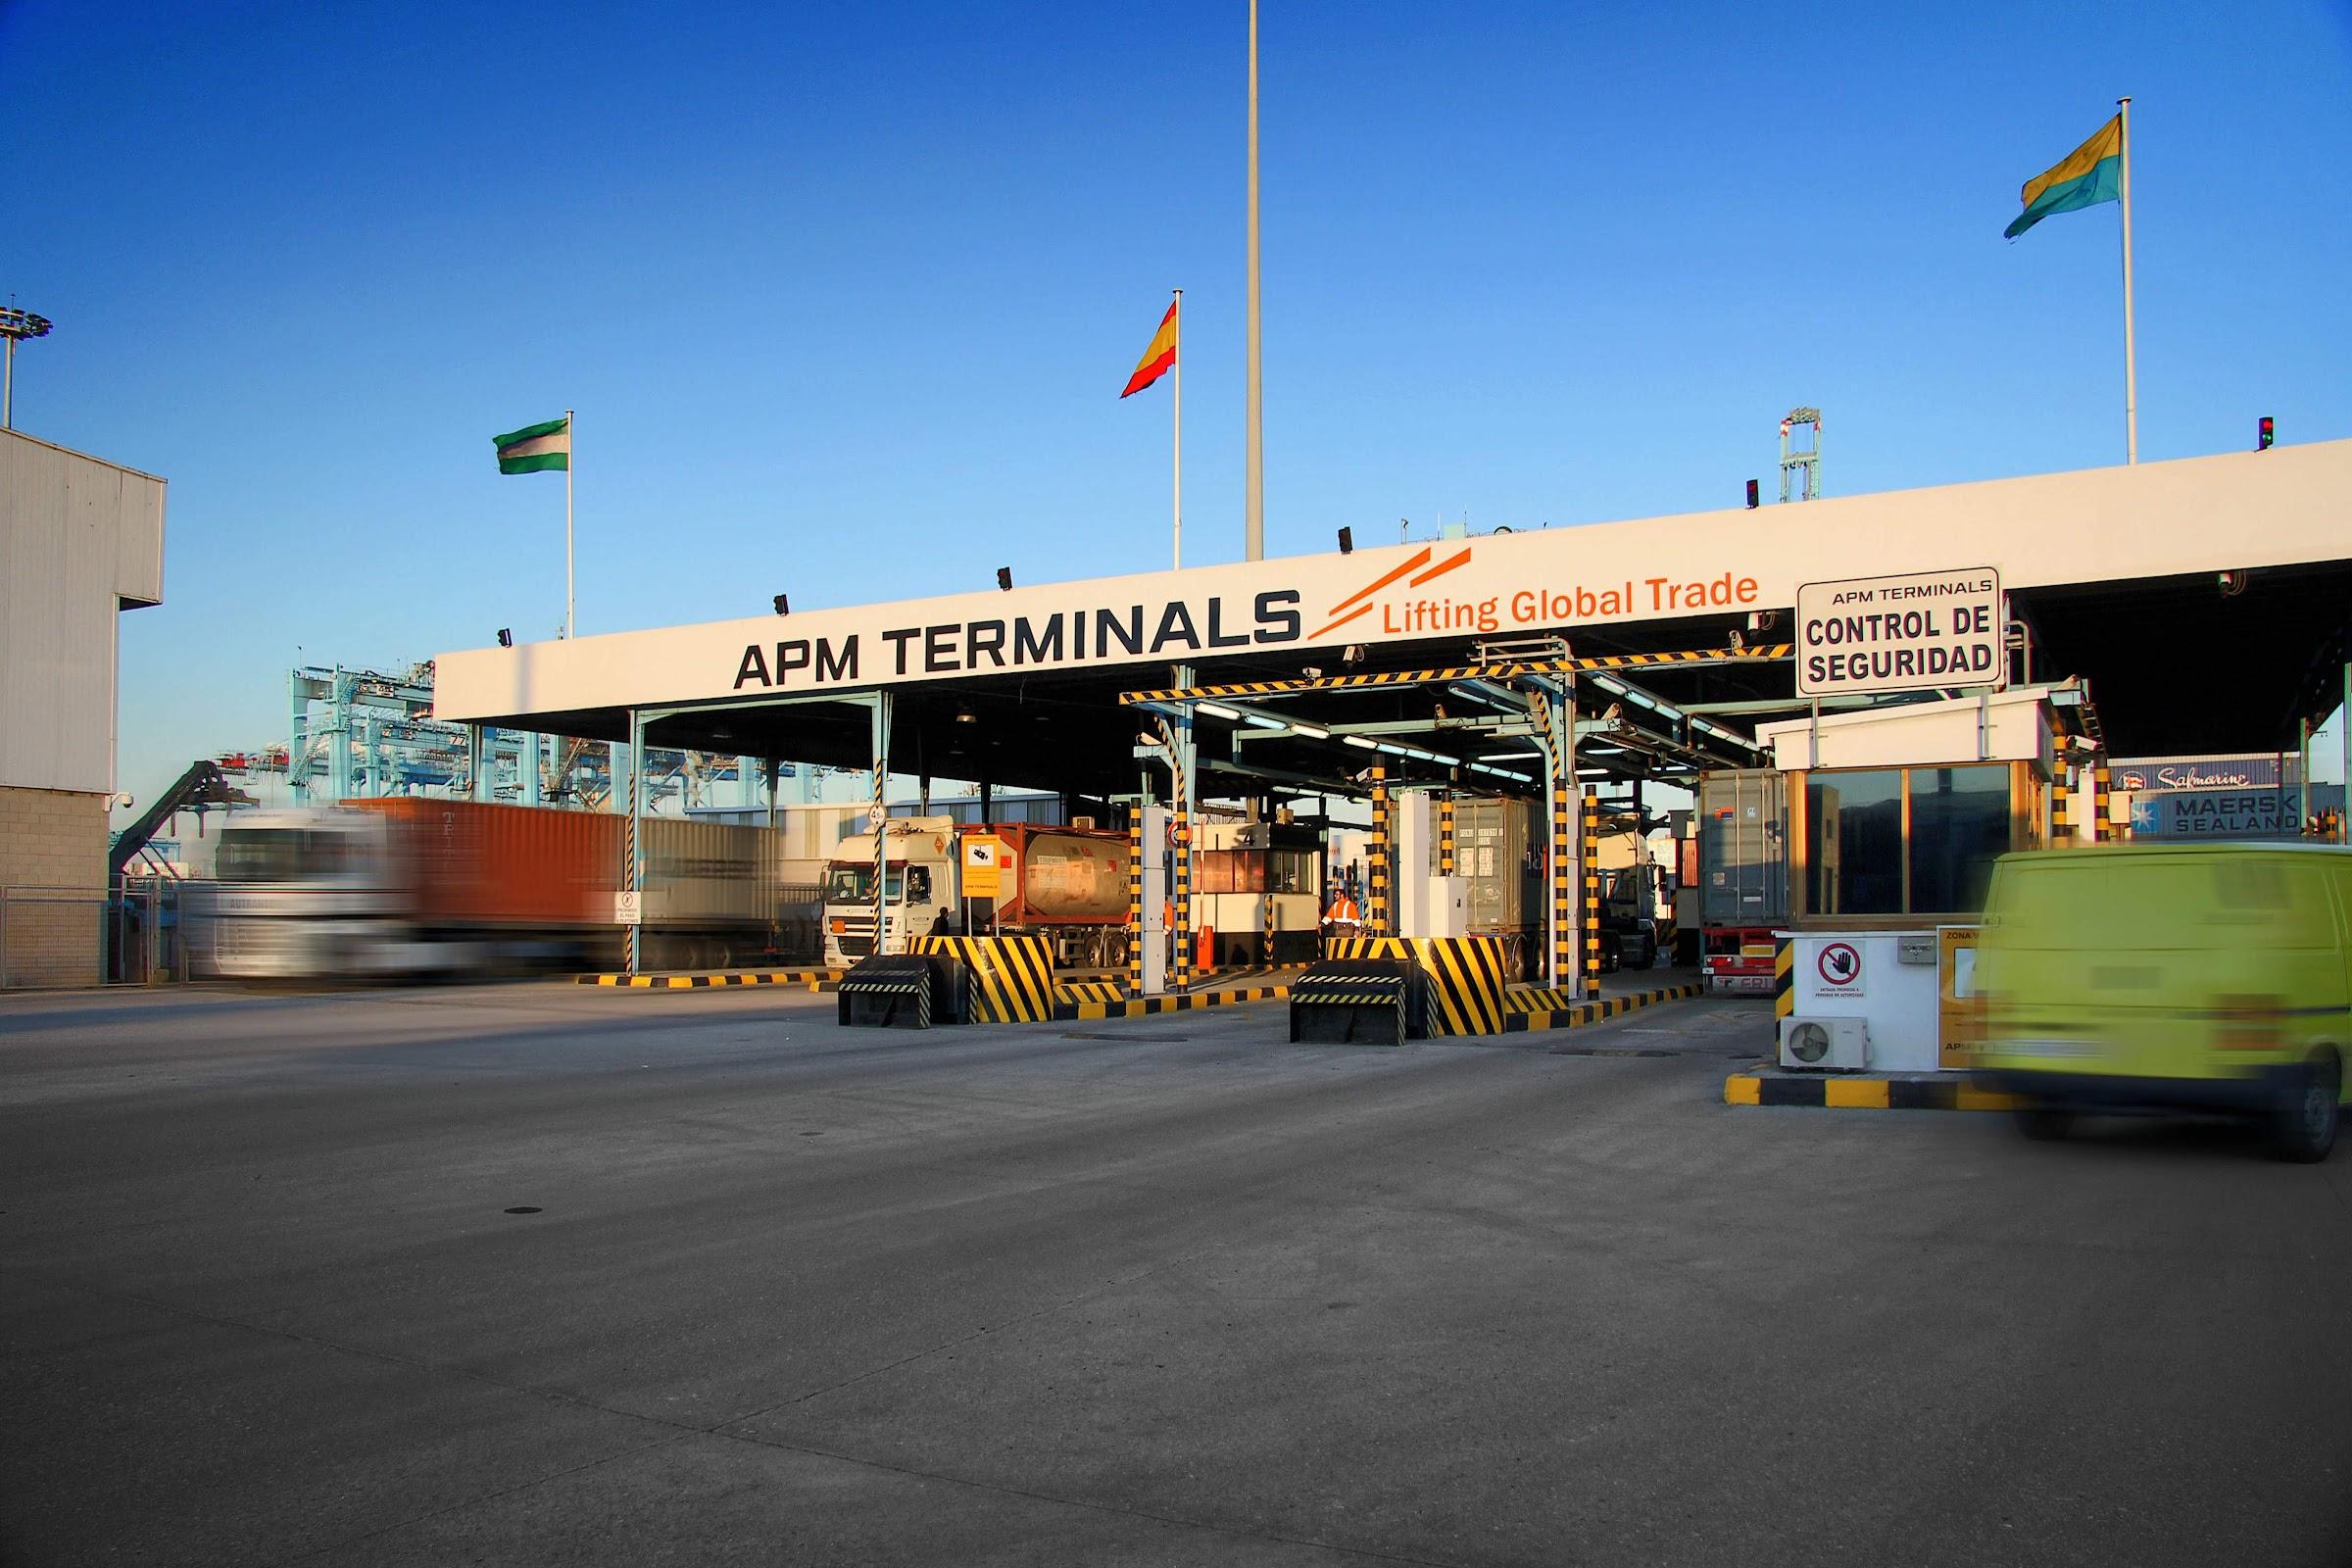 APM Terminals registra un nuevo récord de tráficos en 2018